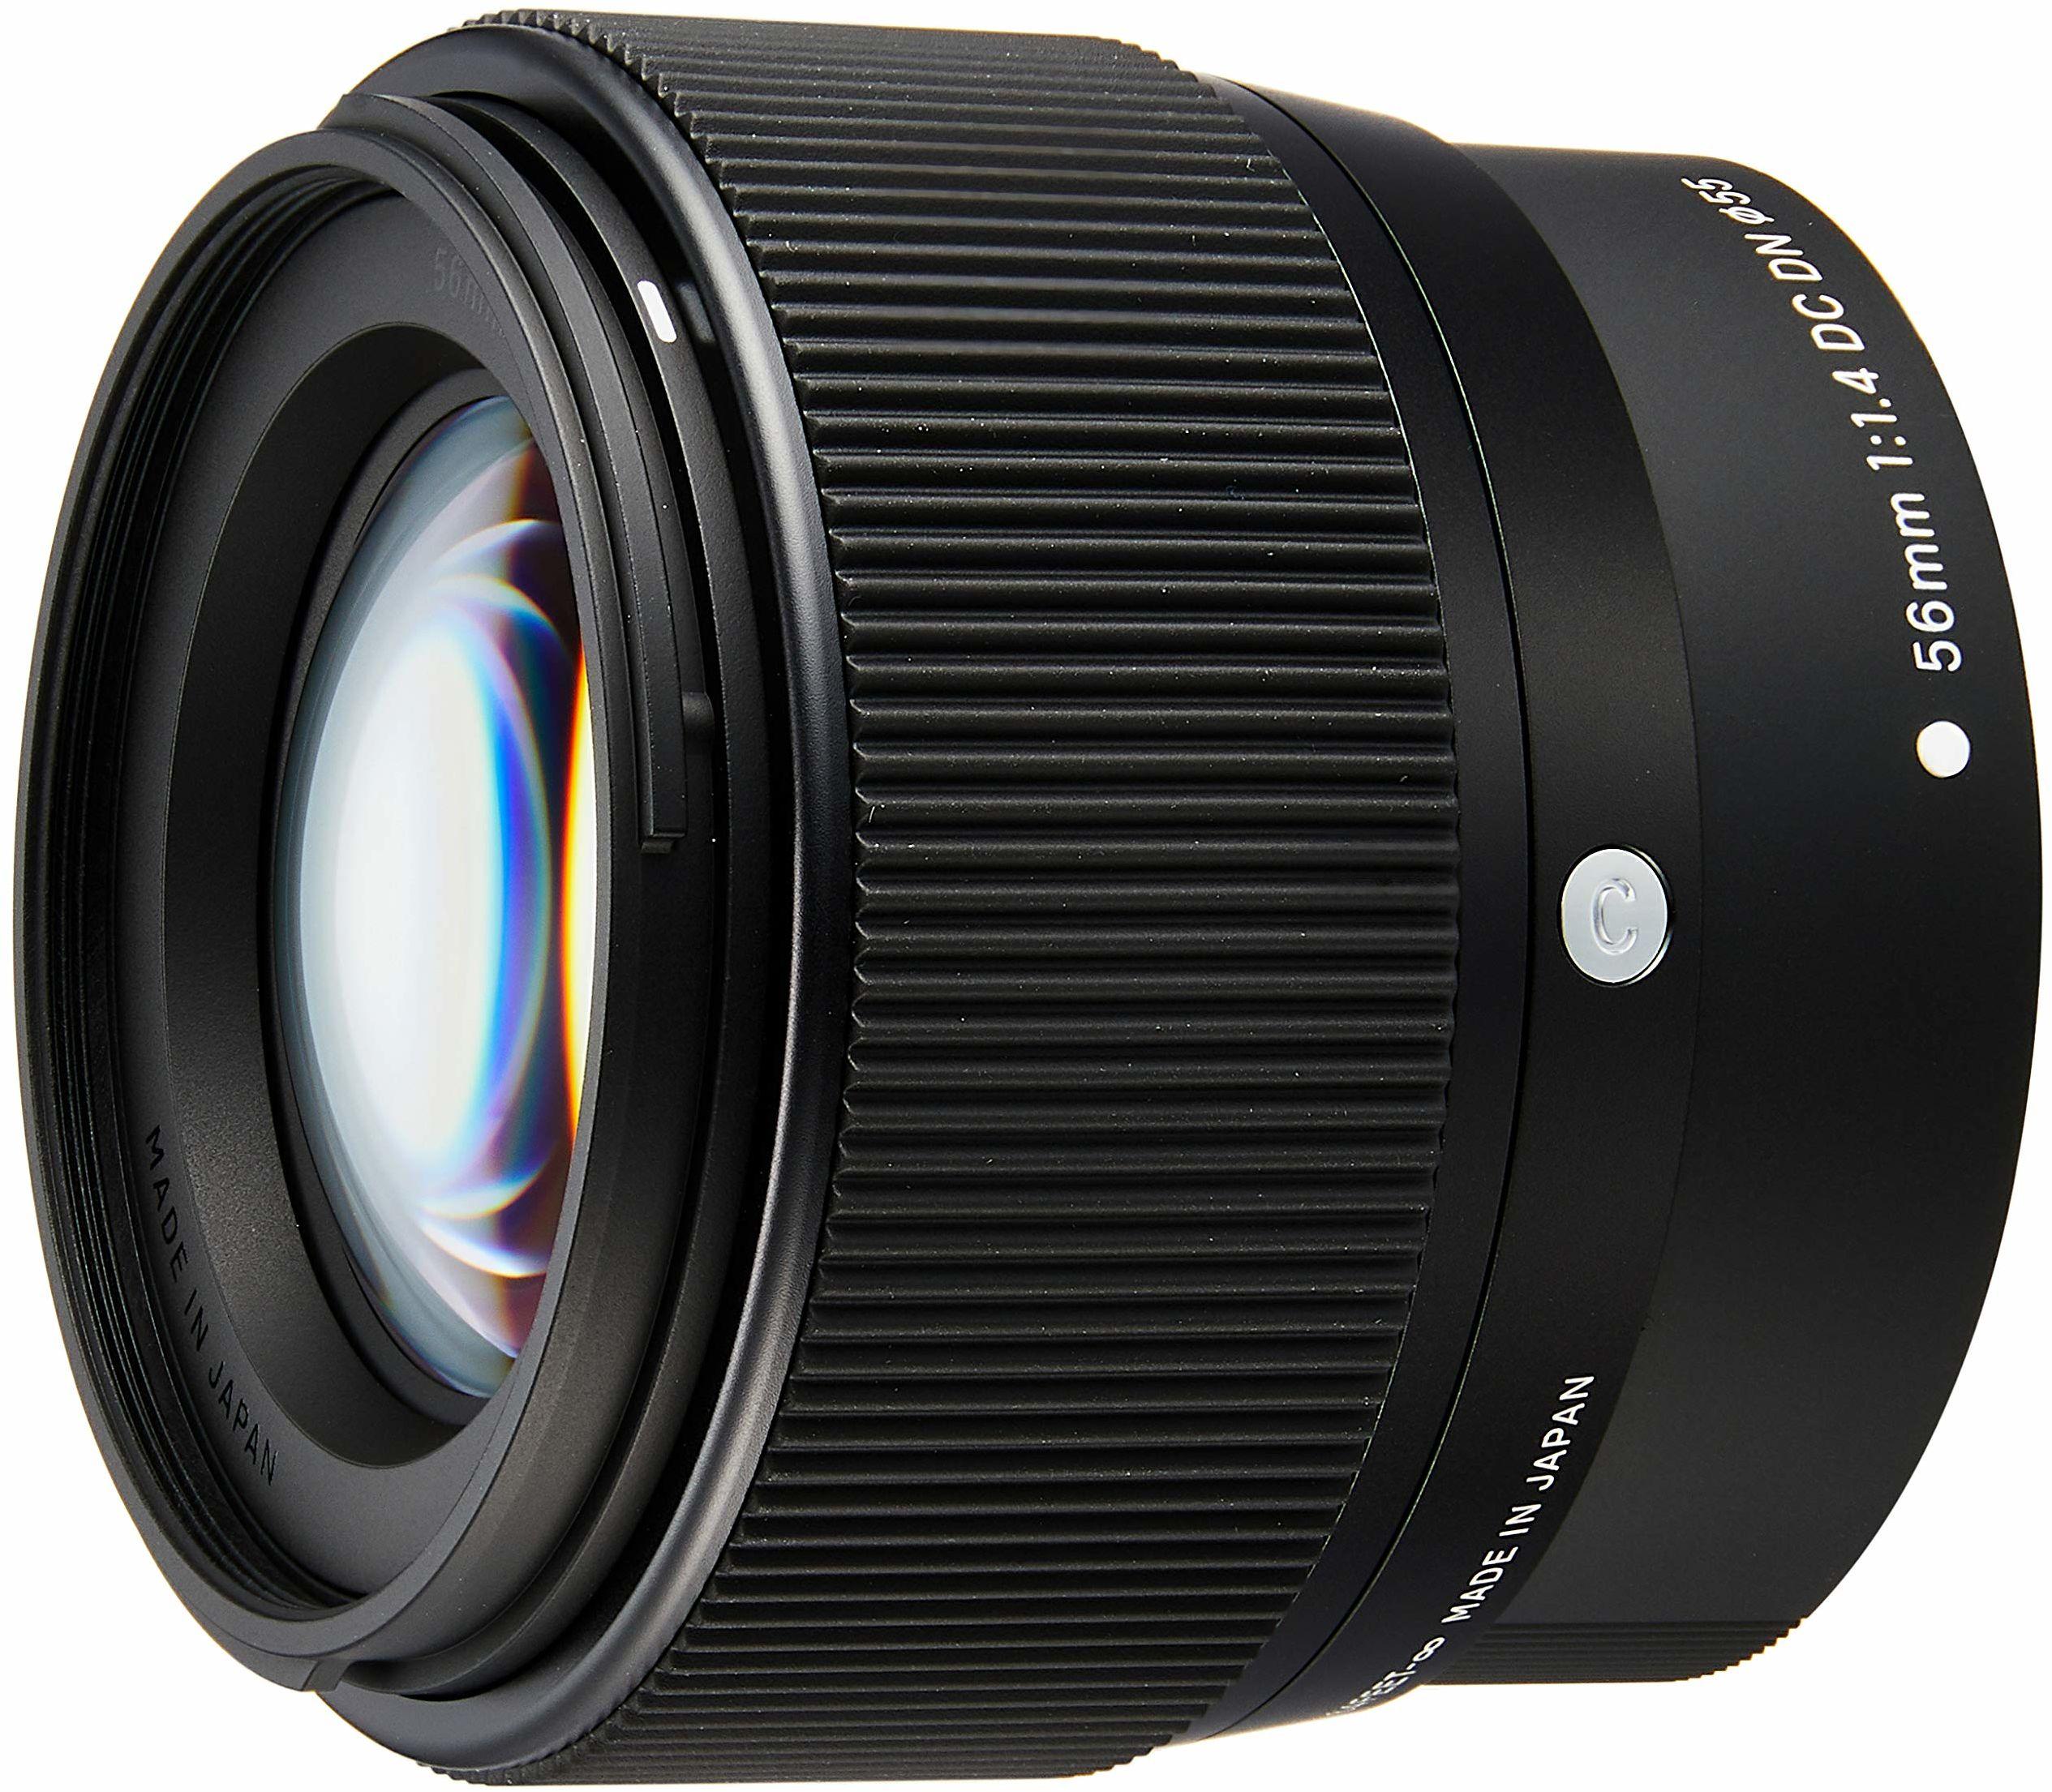 Sigma Obiektyw 56 Mm F/1,4 (C) Af Dc Dn Mocowanie Canon Ef-M X,351971